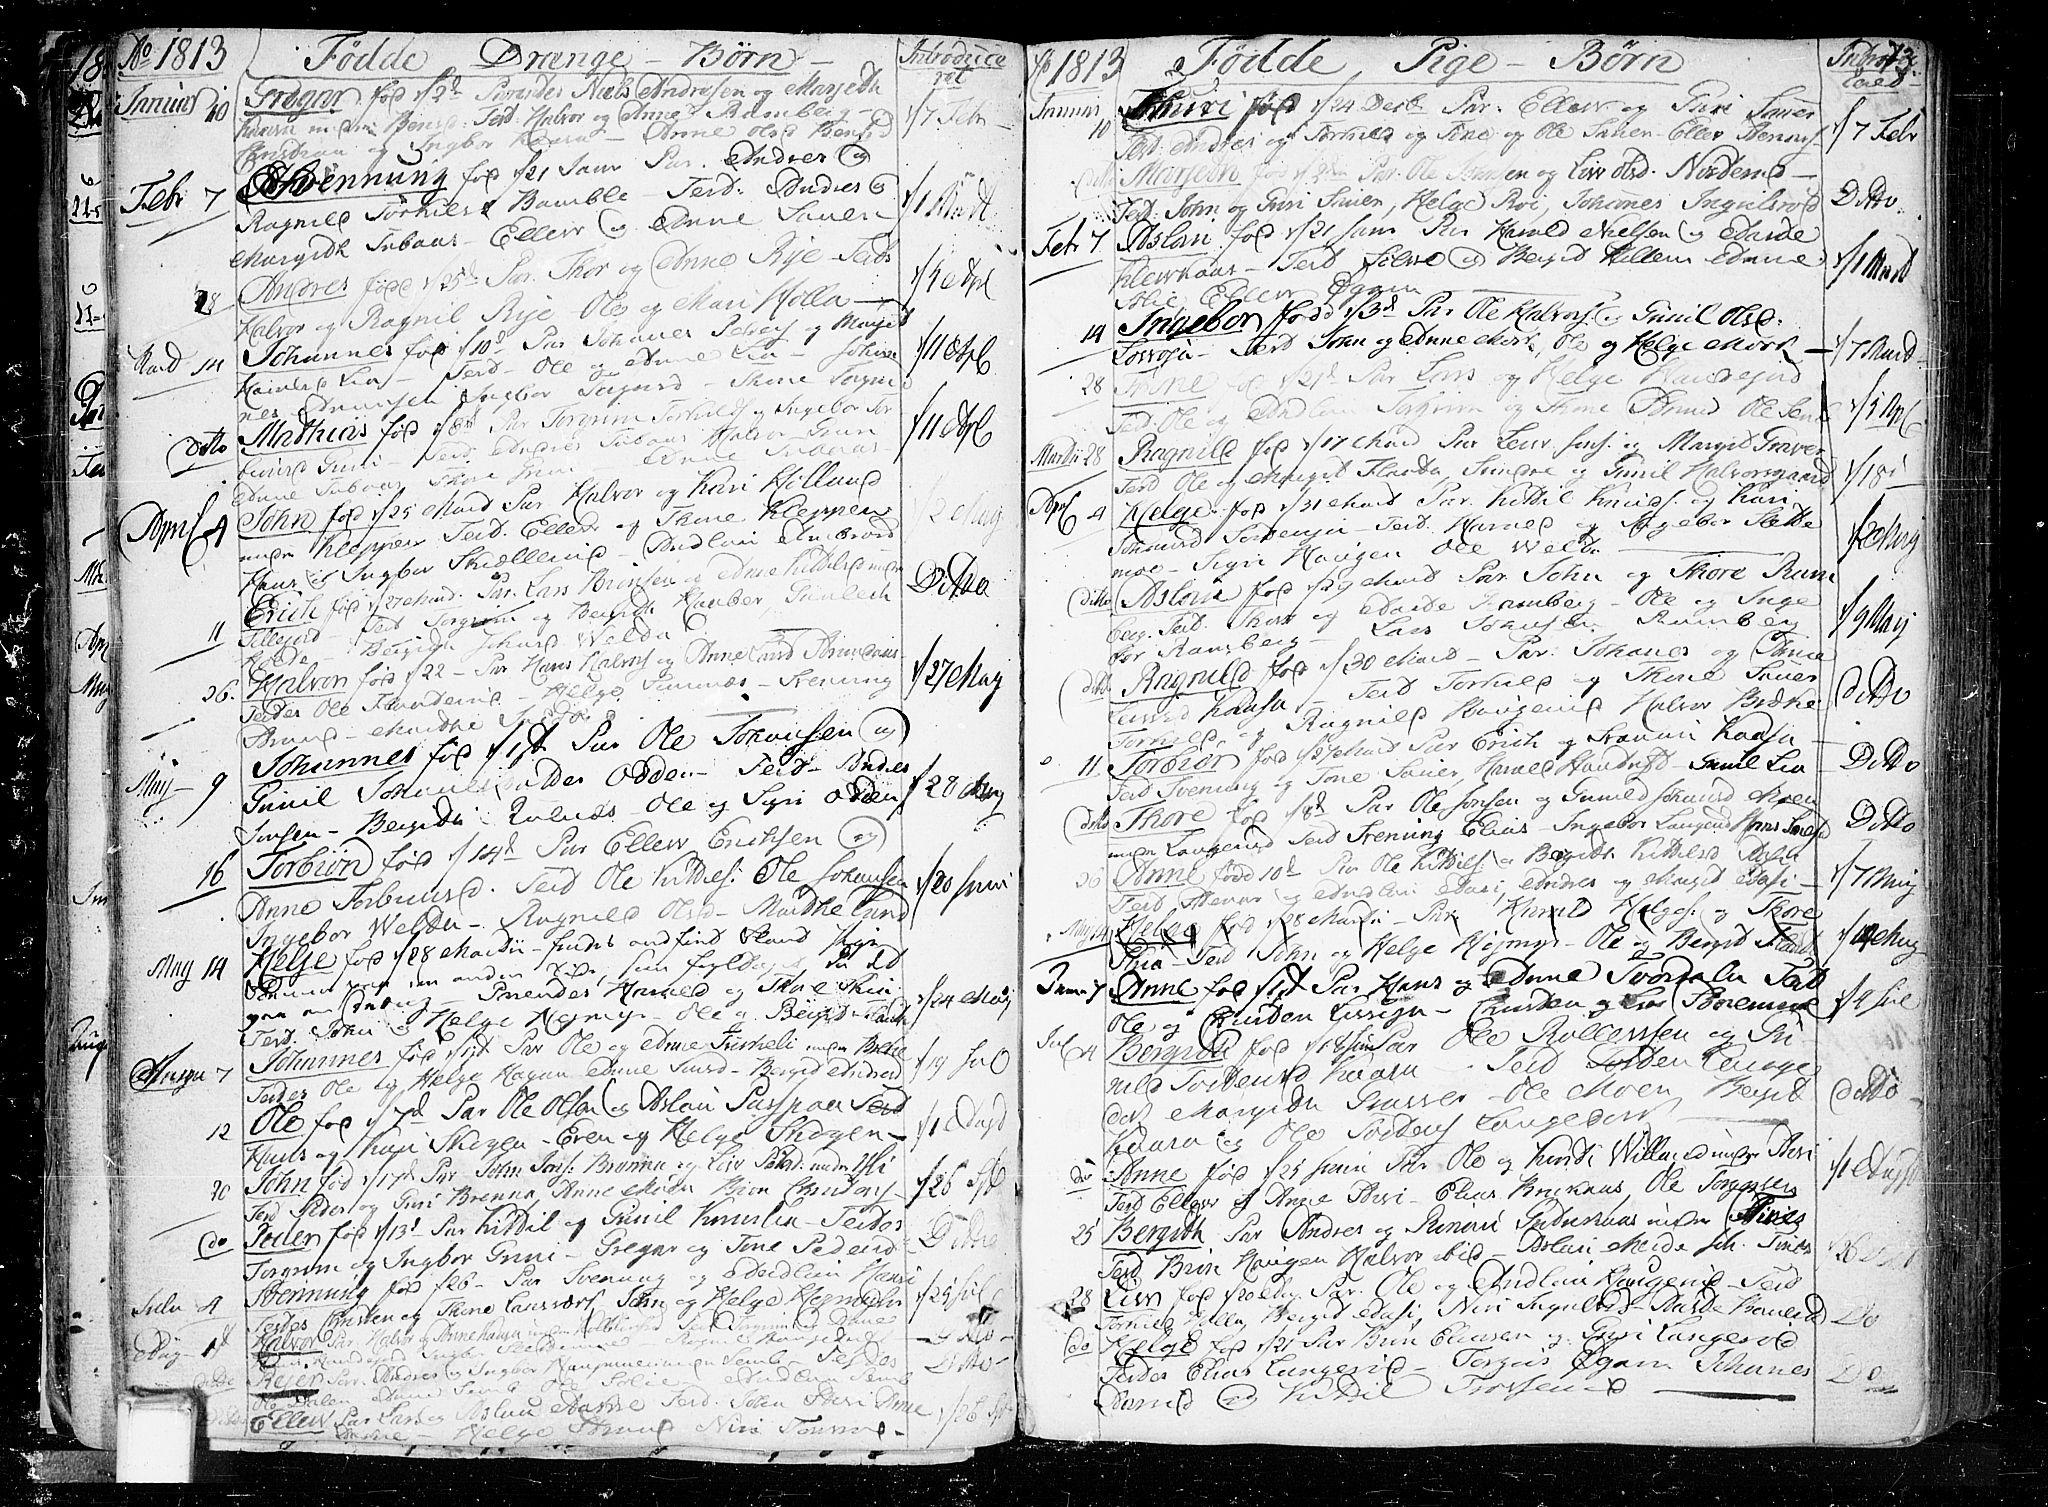 SAKO, Heddal kirkebøker, F/Fa/L0004: Ministerialbok nr. I 4, 1784-1814, s. 73